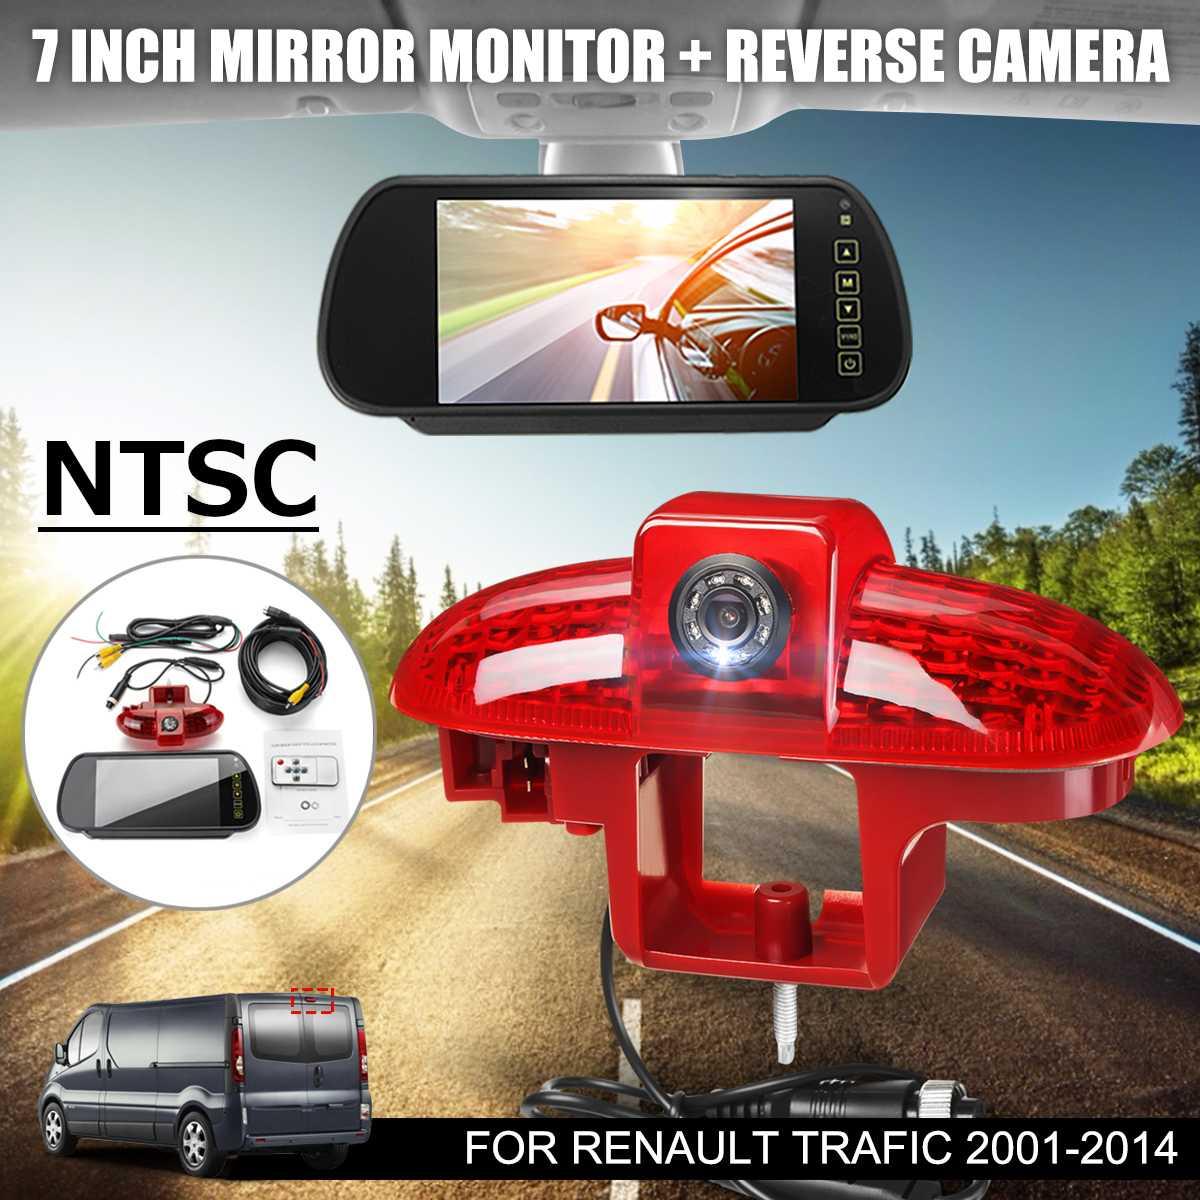 NTSC frein de voiture led répéteur hdmi N ° Vue Arrière De Sauvegarde caméra de parking LCD Large Écran Miroir Moniter Pour Renault Trafic 01-14